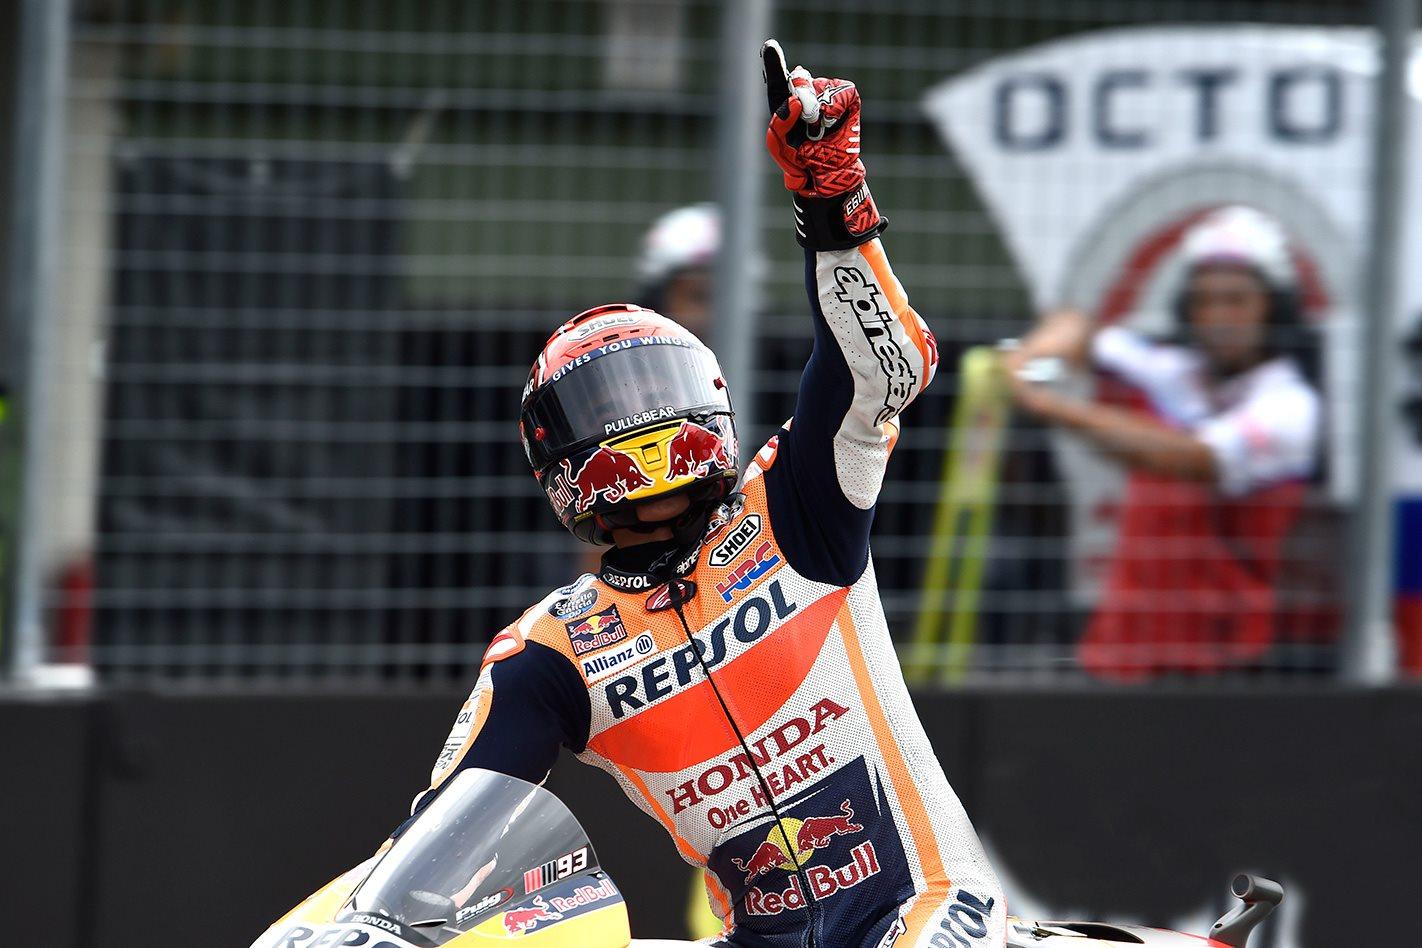 Marc Marquez wins 2017 Czech Republic MotoGP